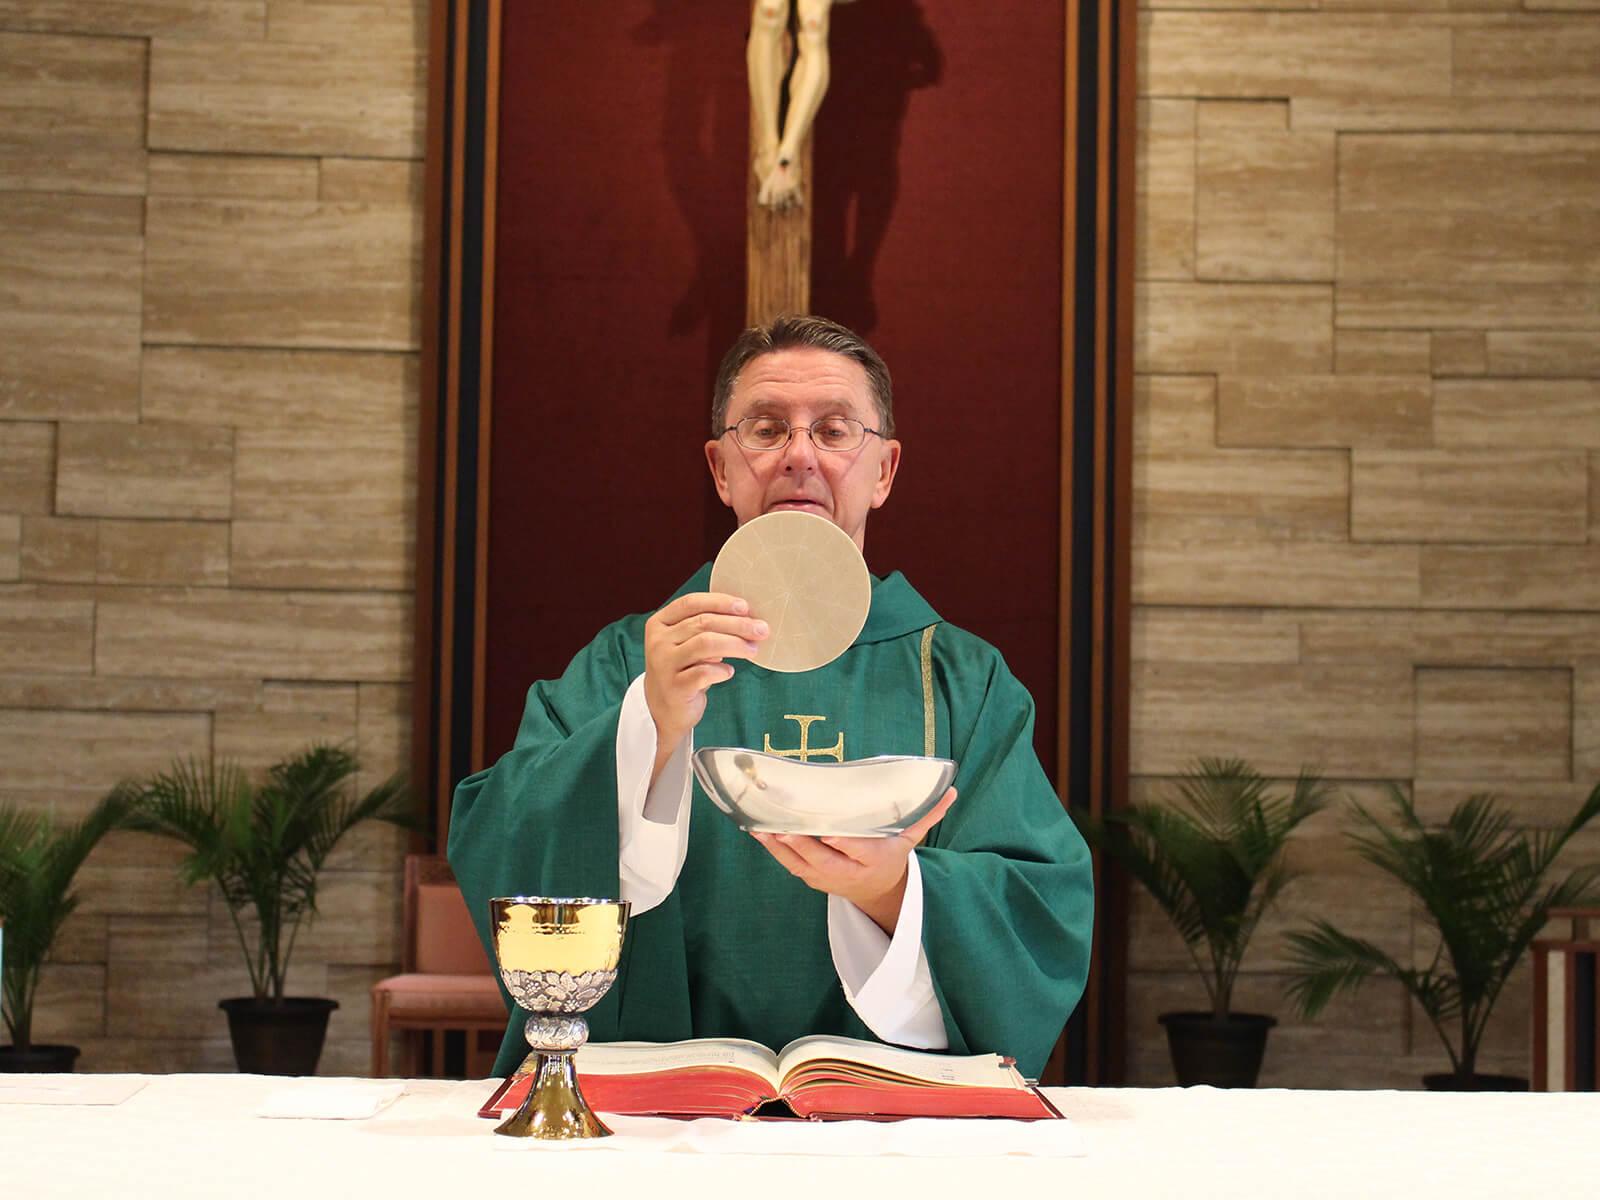 Bistum Aachen feiert Gottesdienste ab 1. Mai wieder öffentlich (c) CC0 1.0 - Public Domain (von unsplash.com)